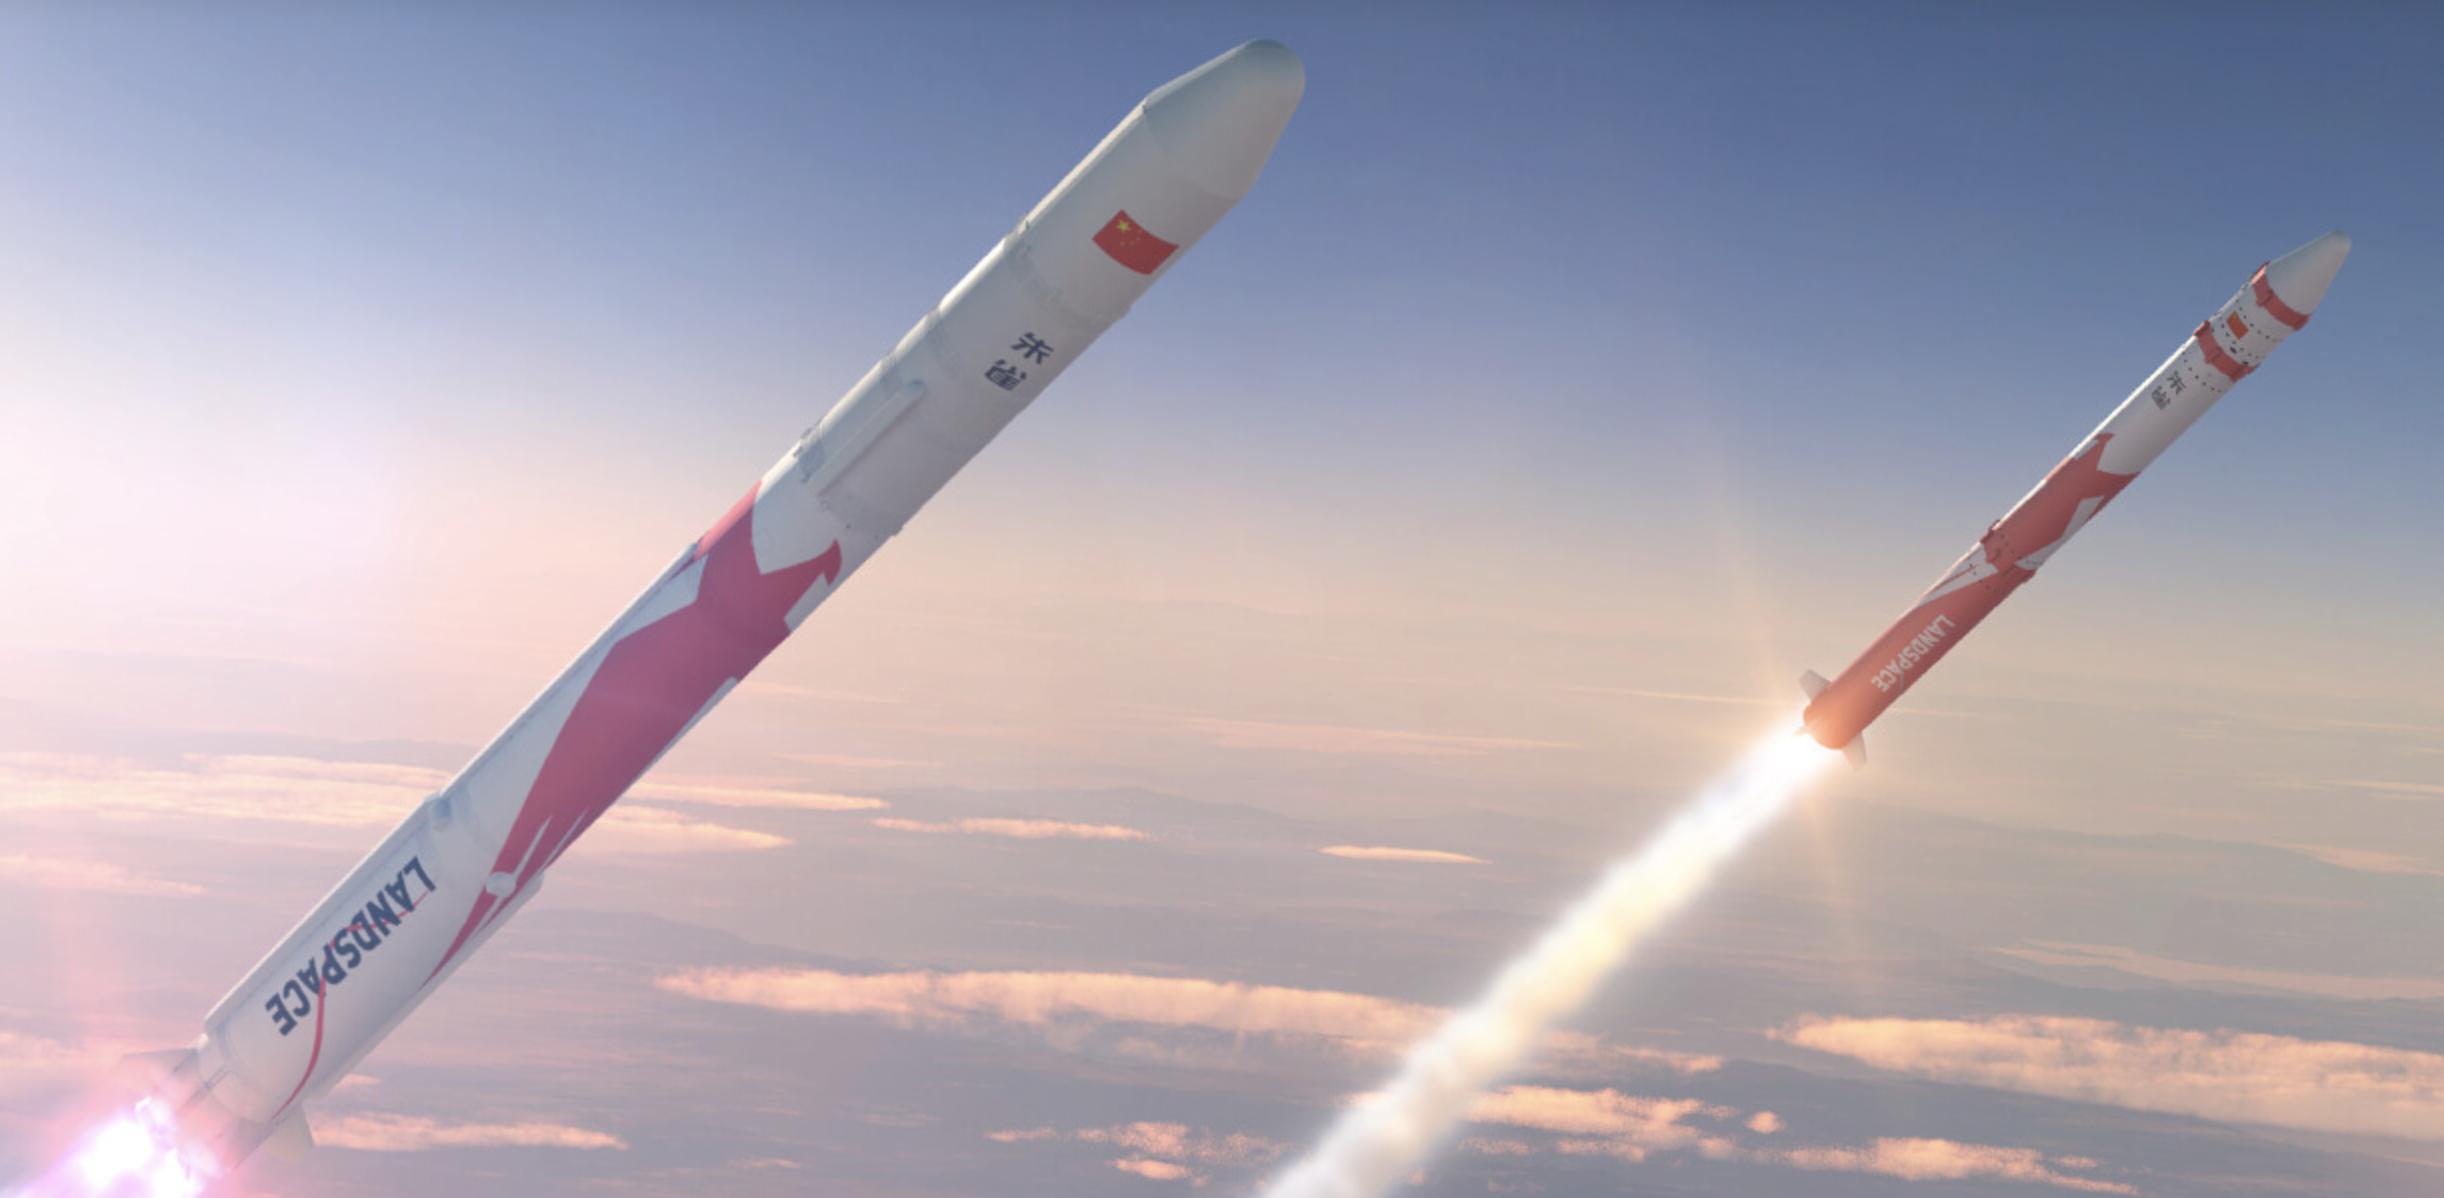 太空竞赛 2.0: 这一次,为了商业,也换了主角。